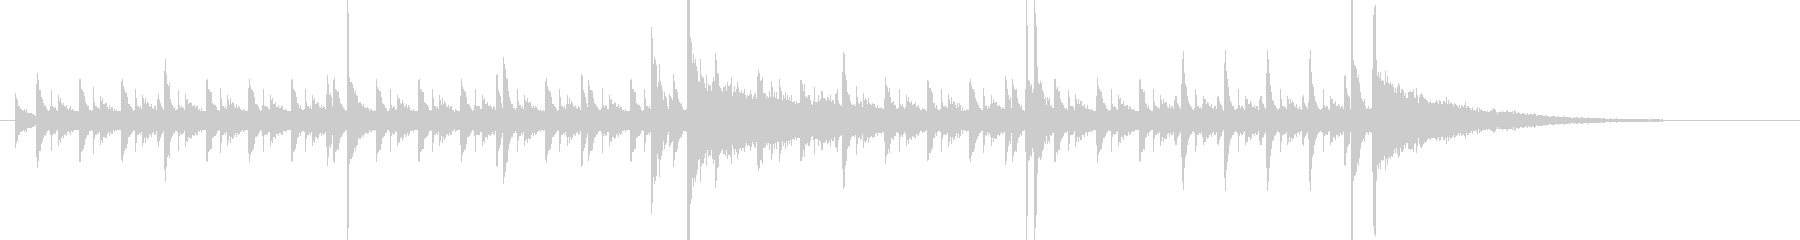 15秒・高速ジャズ・ドラムソロの未再生の波形